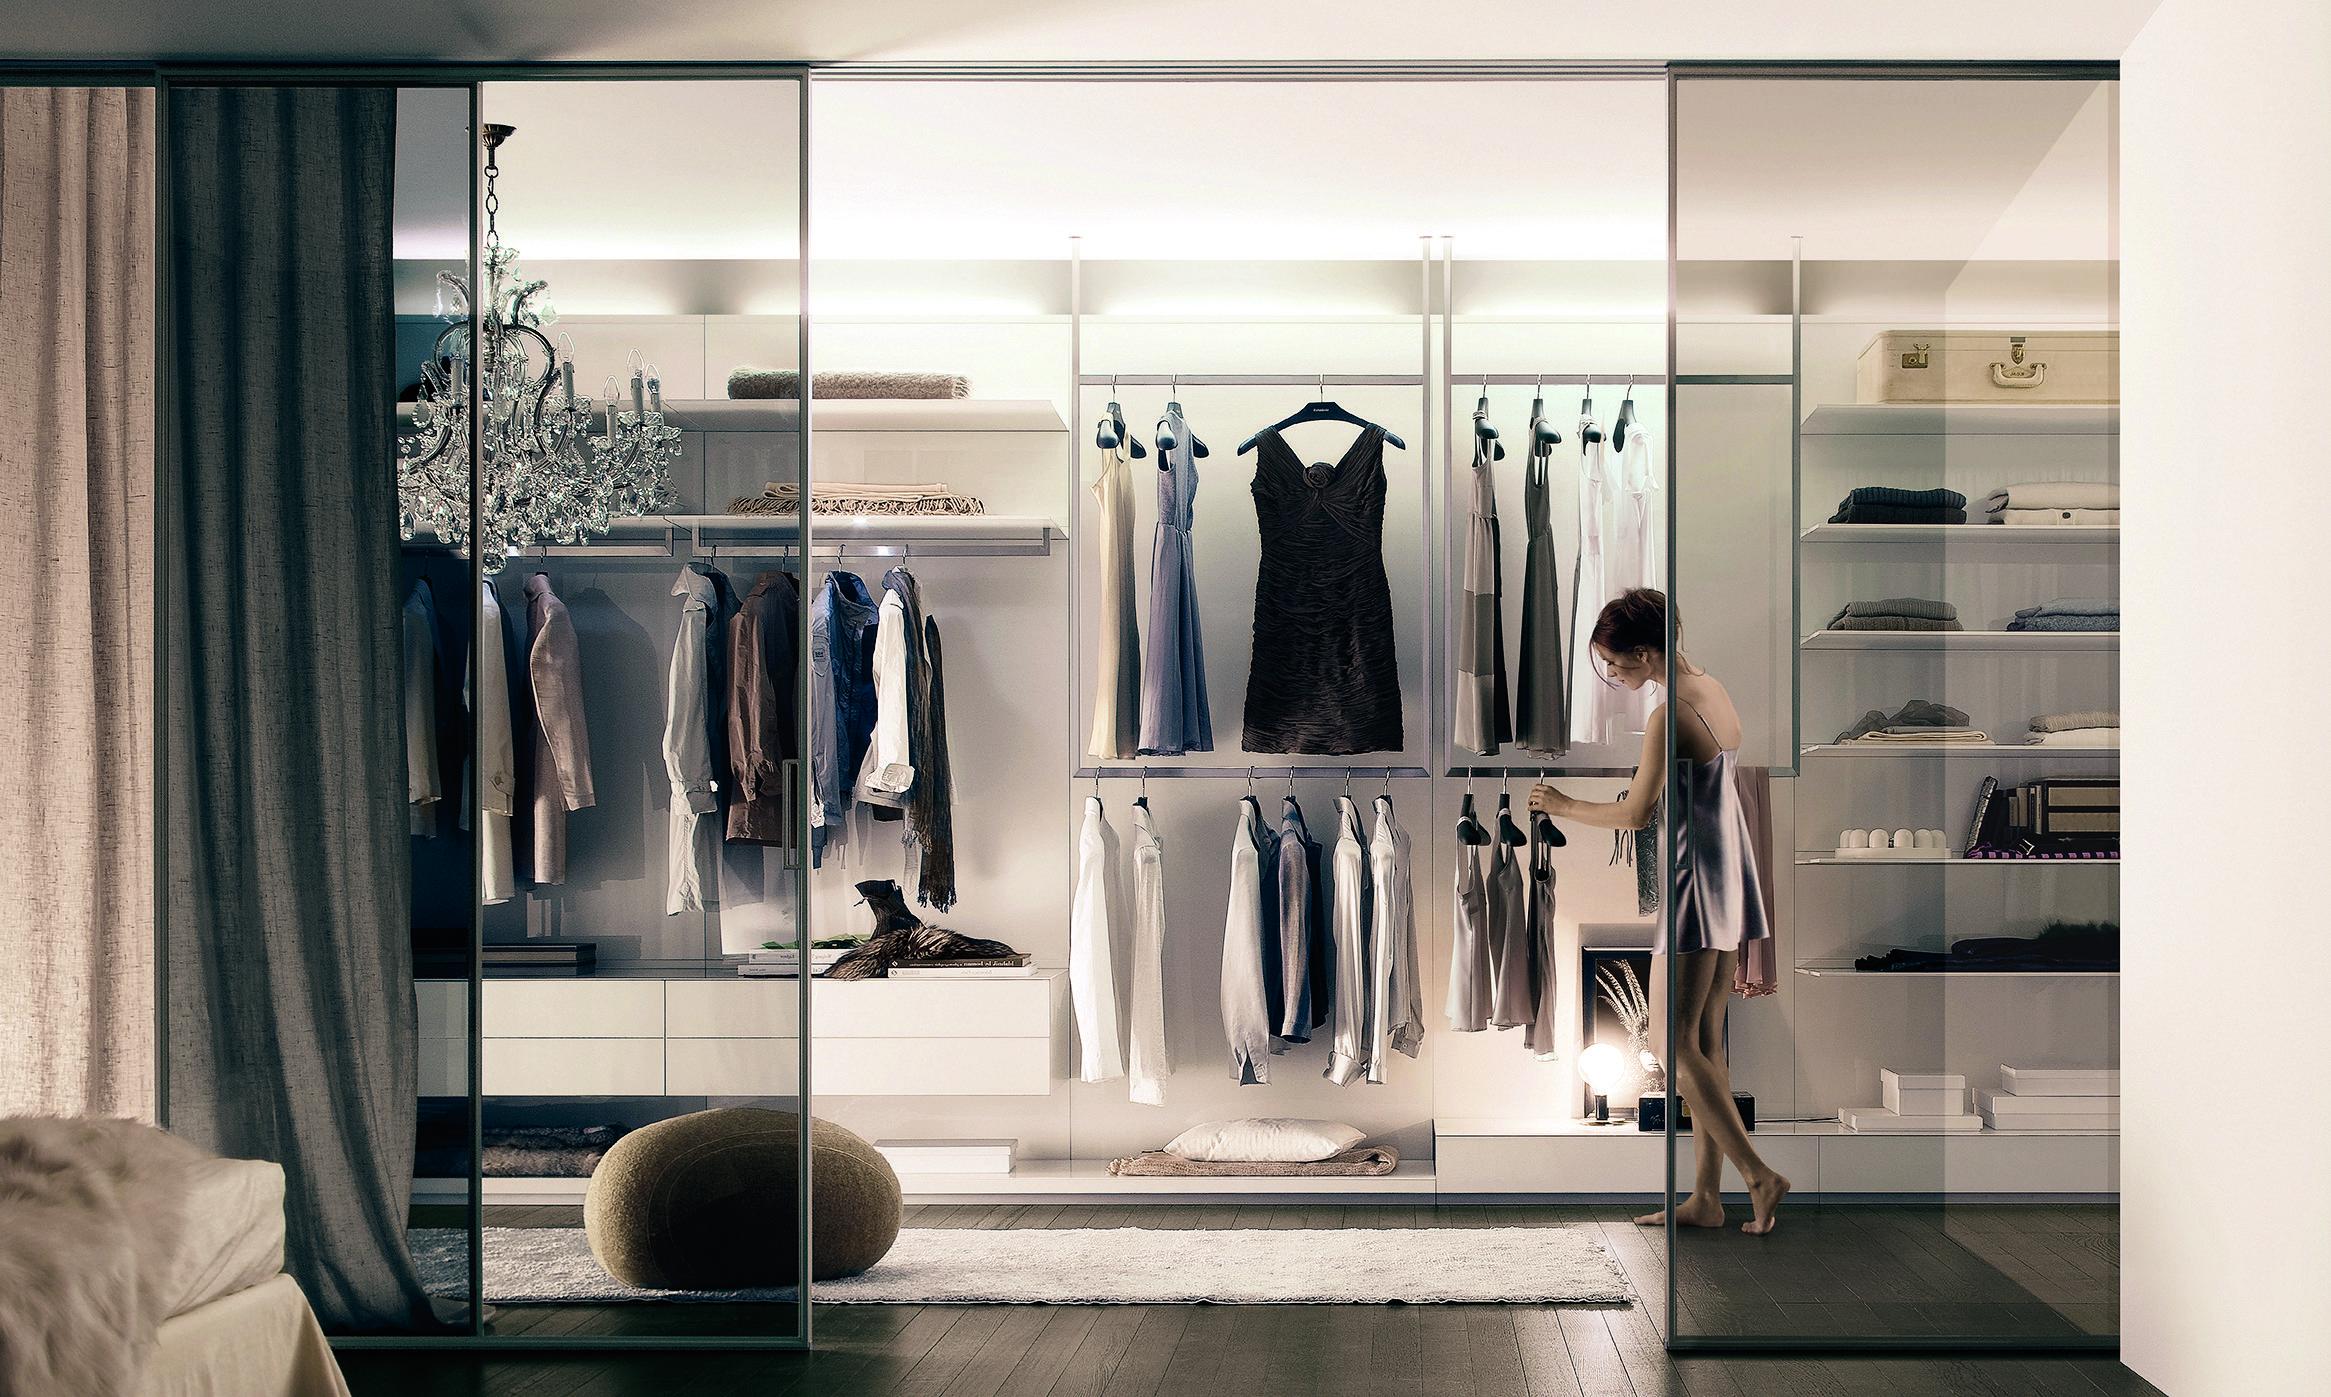 Дизайн шкафа и гардеробной в интерьере.